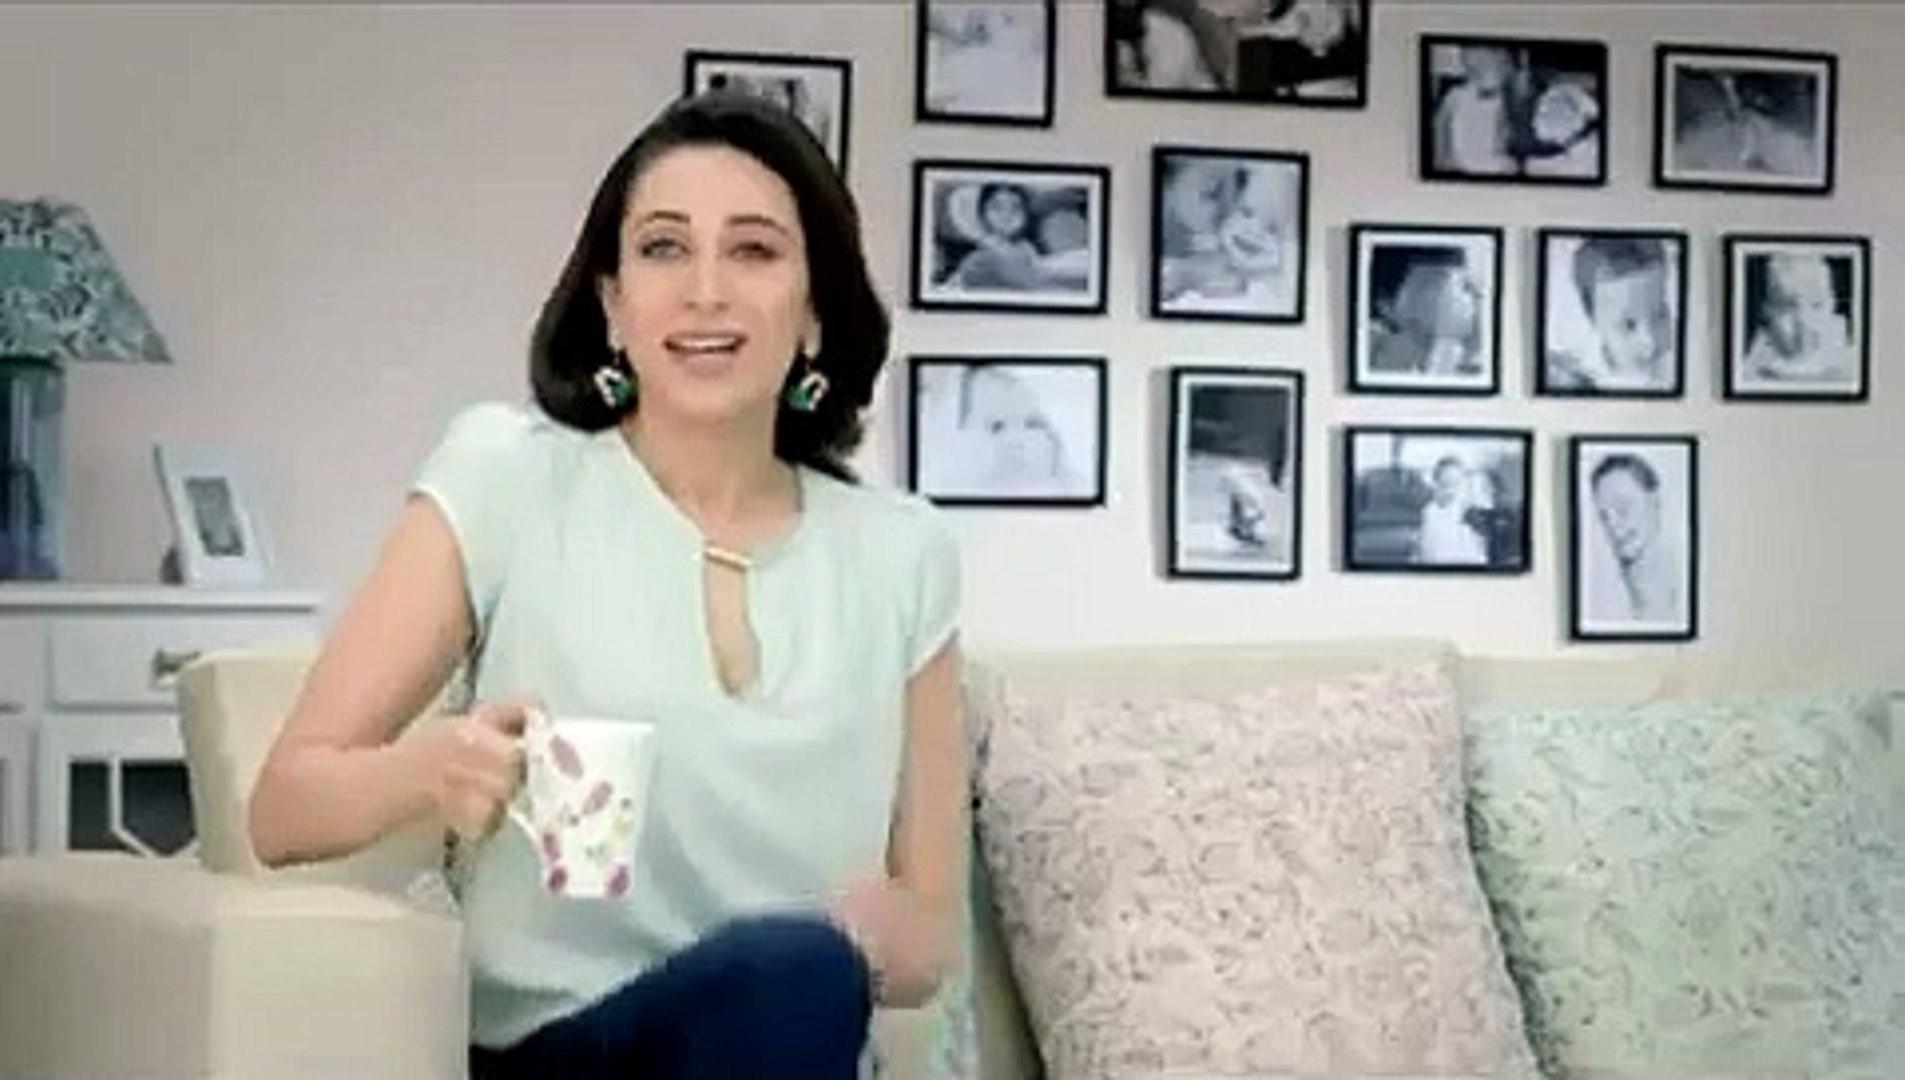 Lovely Karisma Kapoors Latest AD for babyoye.com - Online Store For Kids of India - Bolly